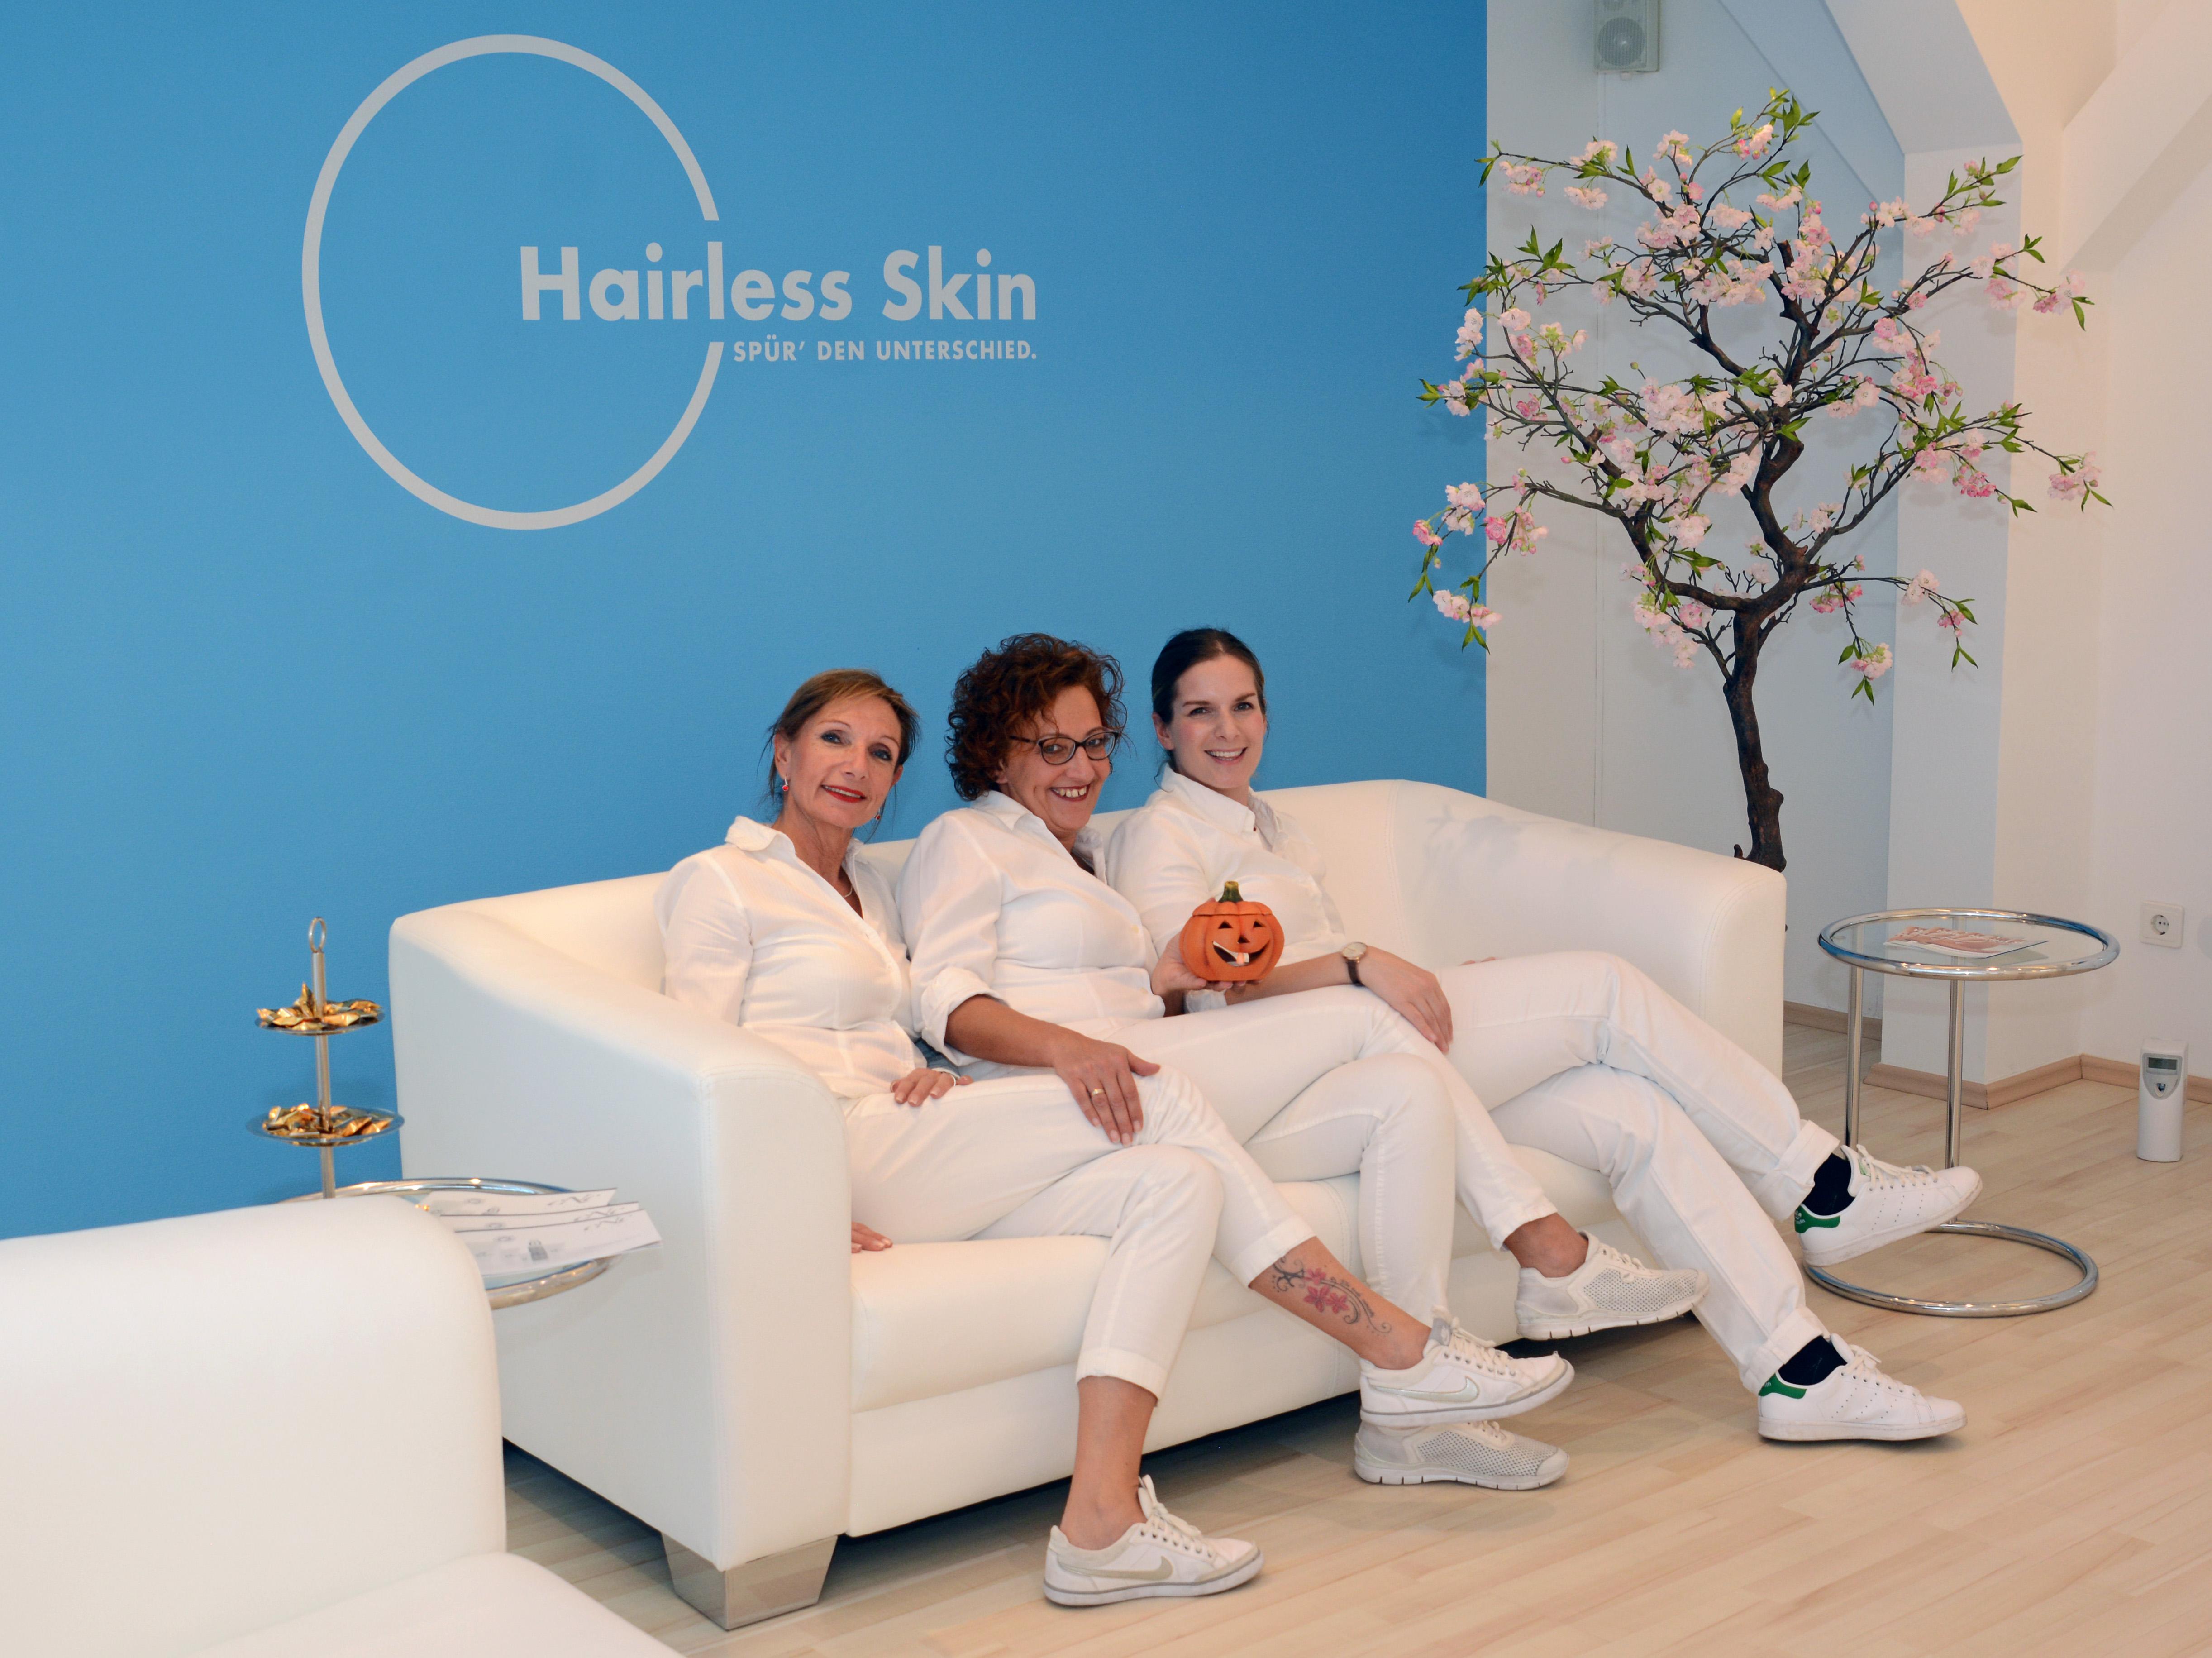 Hairless Skin Institut Berlin-Steglitz - Dauerhafte Haarentfernung